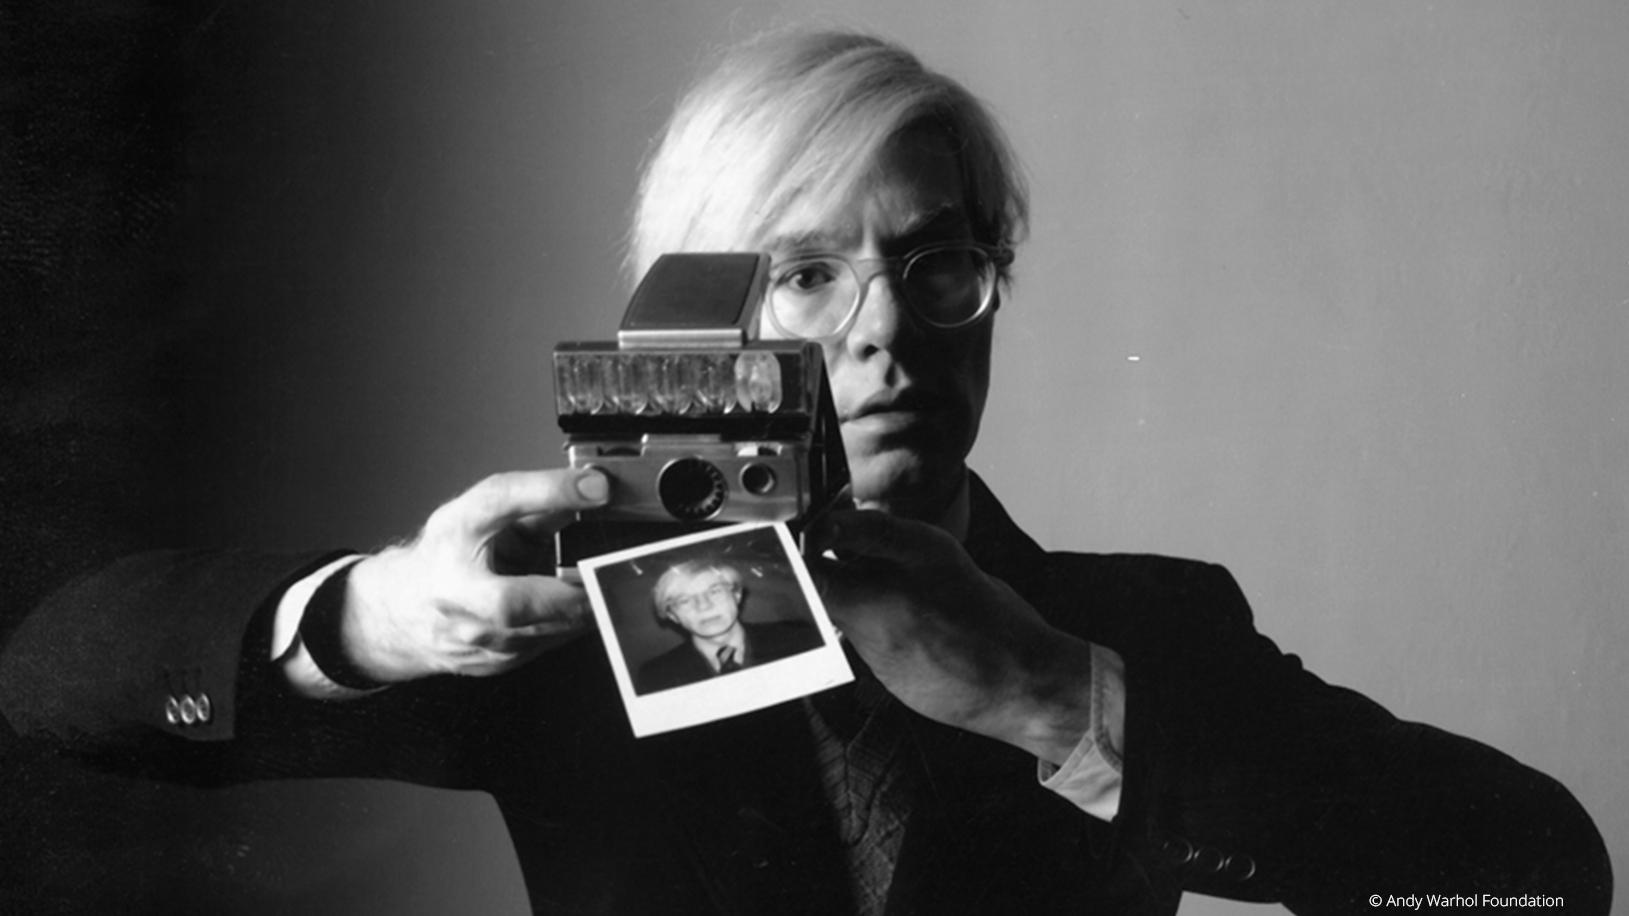 © Andy Warhol Foundation